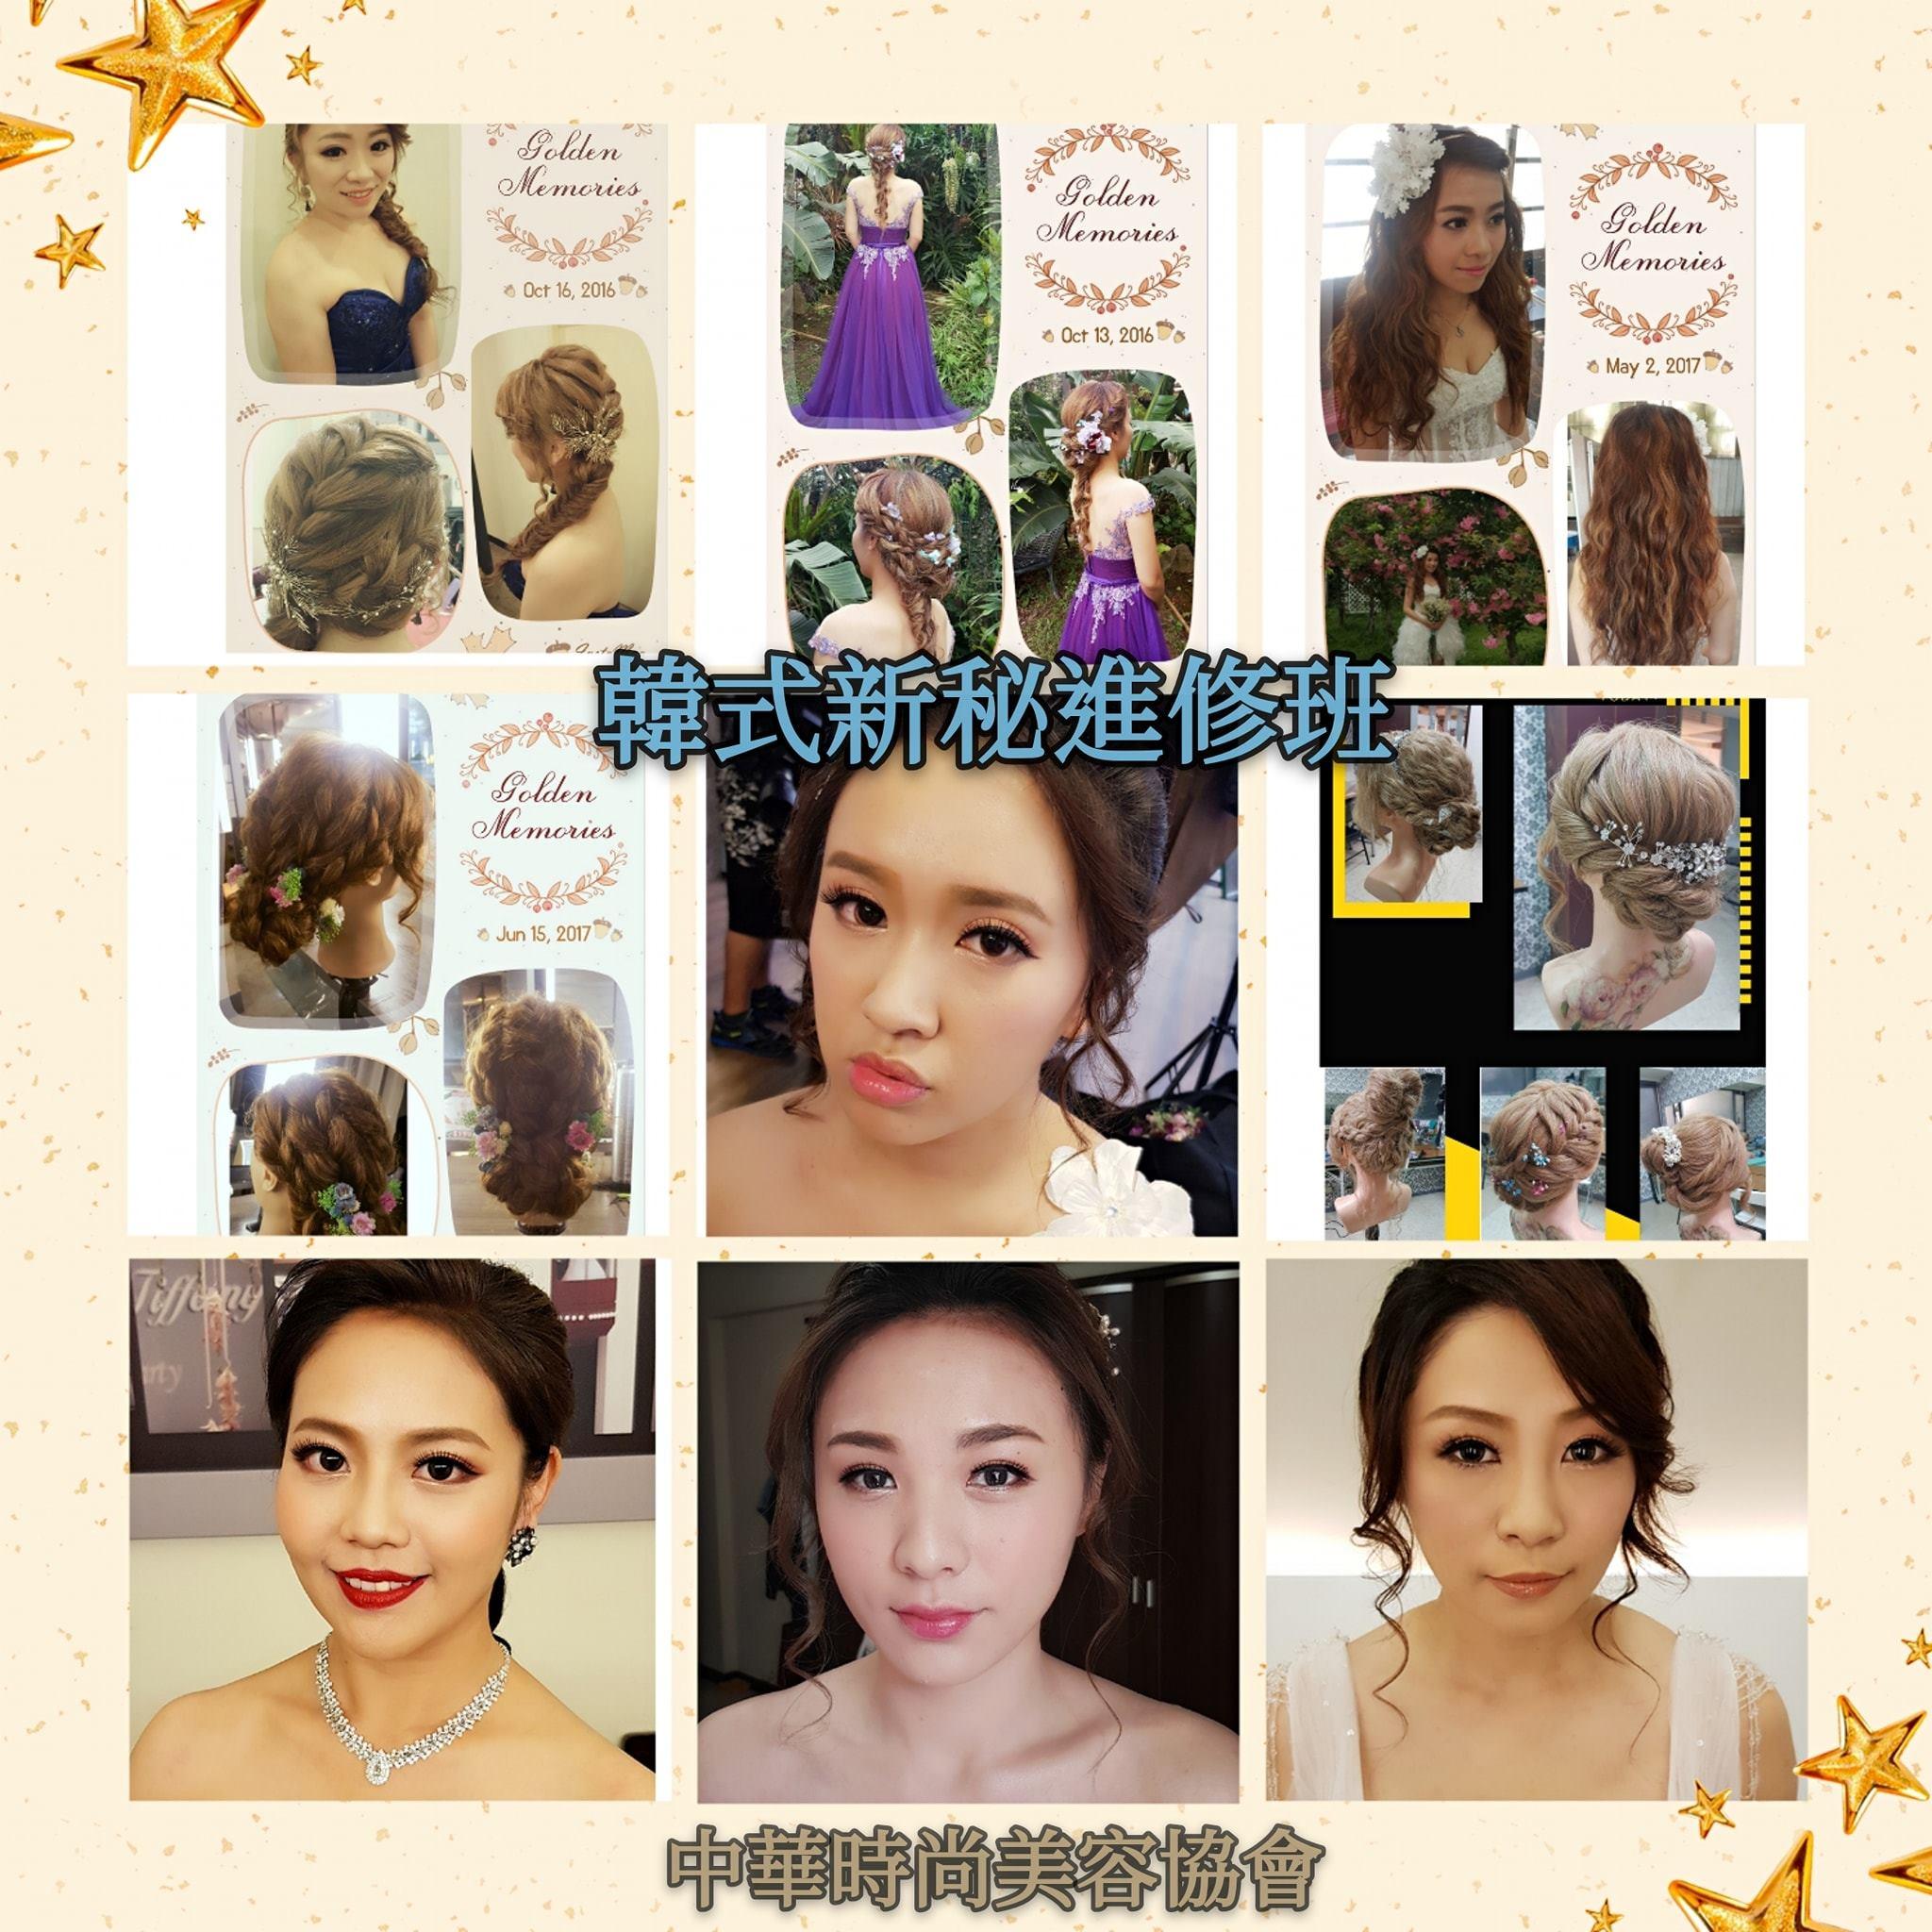 韓式編髮,韓式新娘秘書,新娘秘書全科,新娘秘書創業班,眼型調整,編髮,整體造型,彩妝講師,新秘矯正班